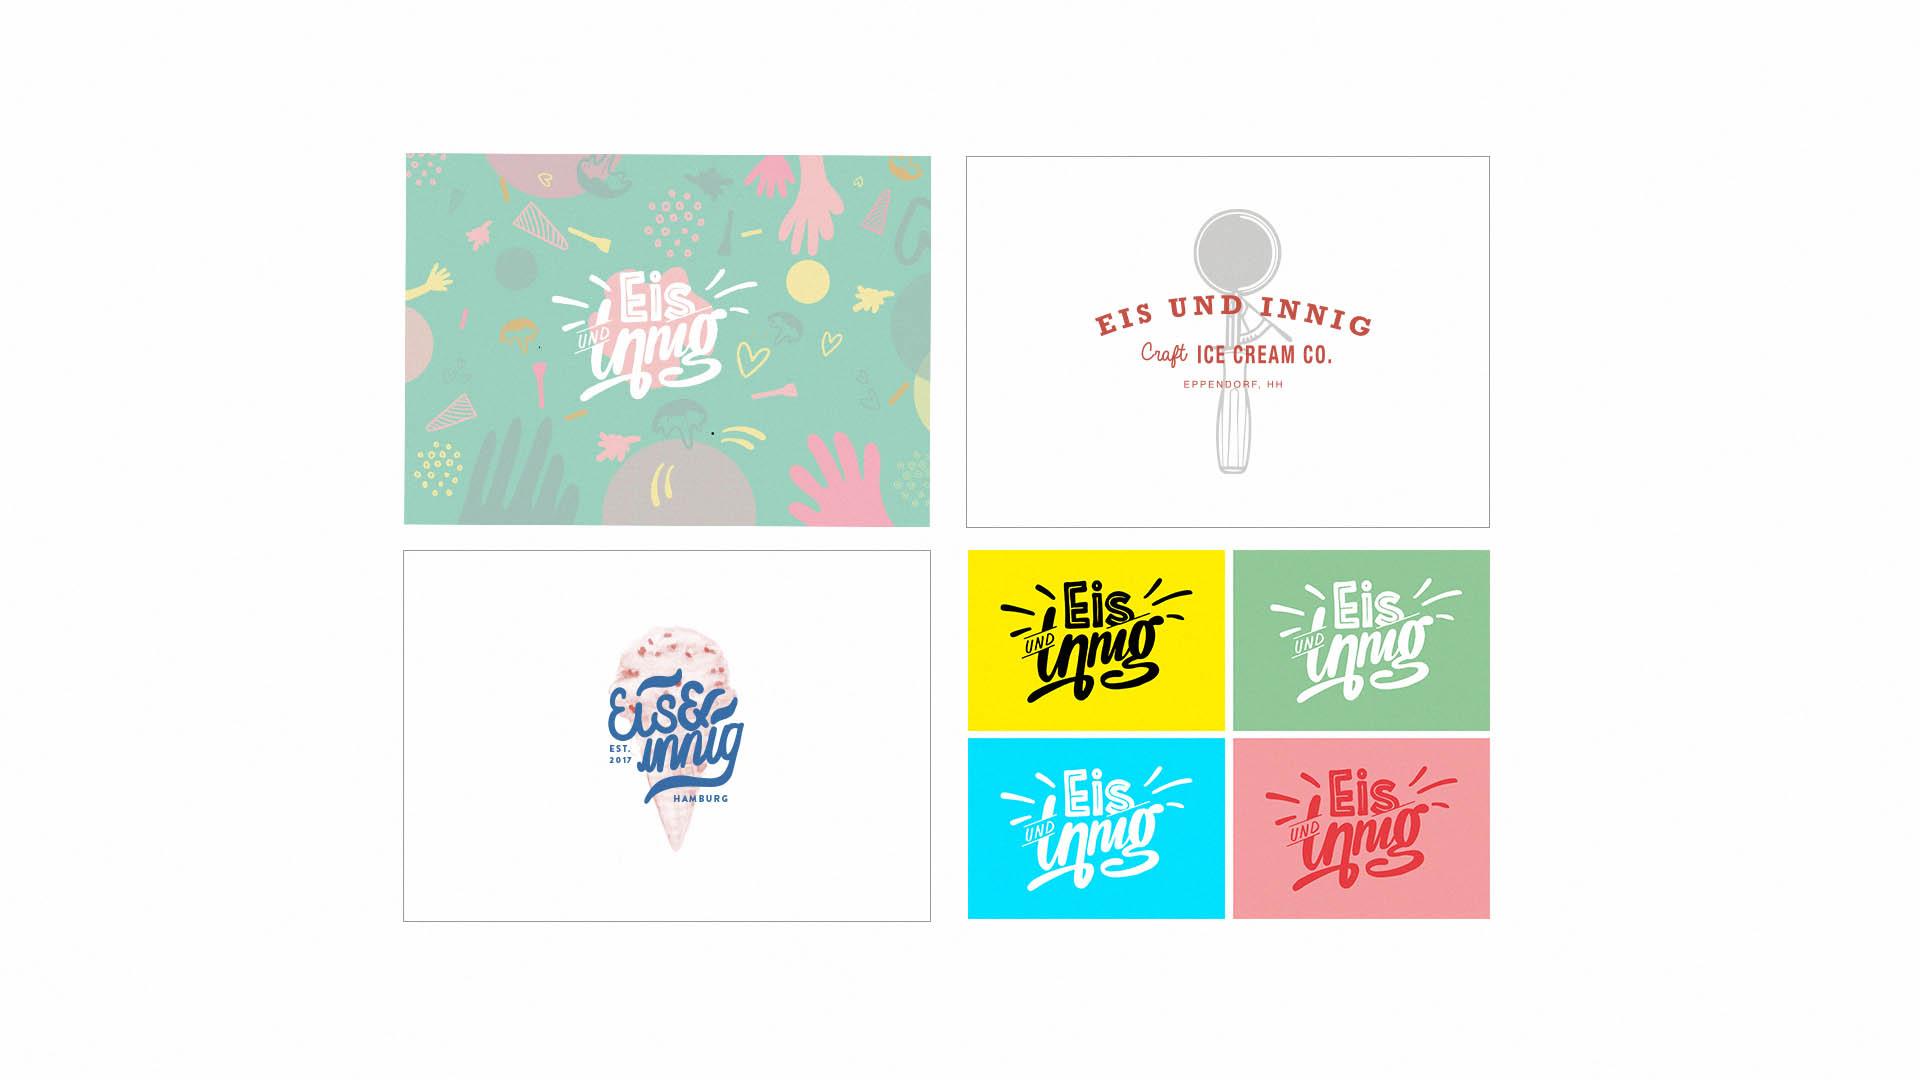 Eis & innig Logovarianten